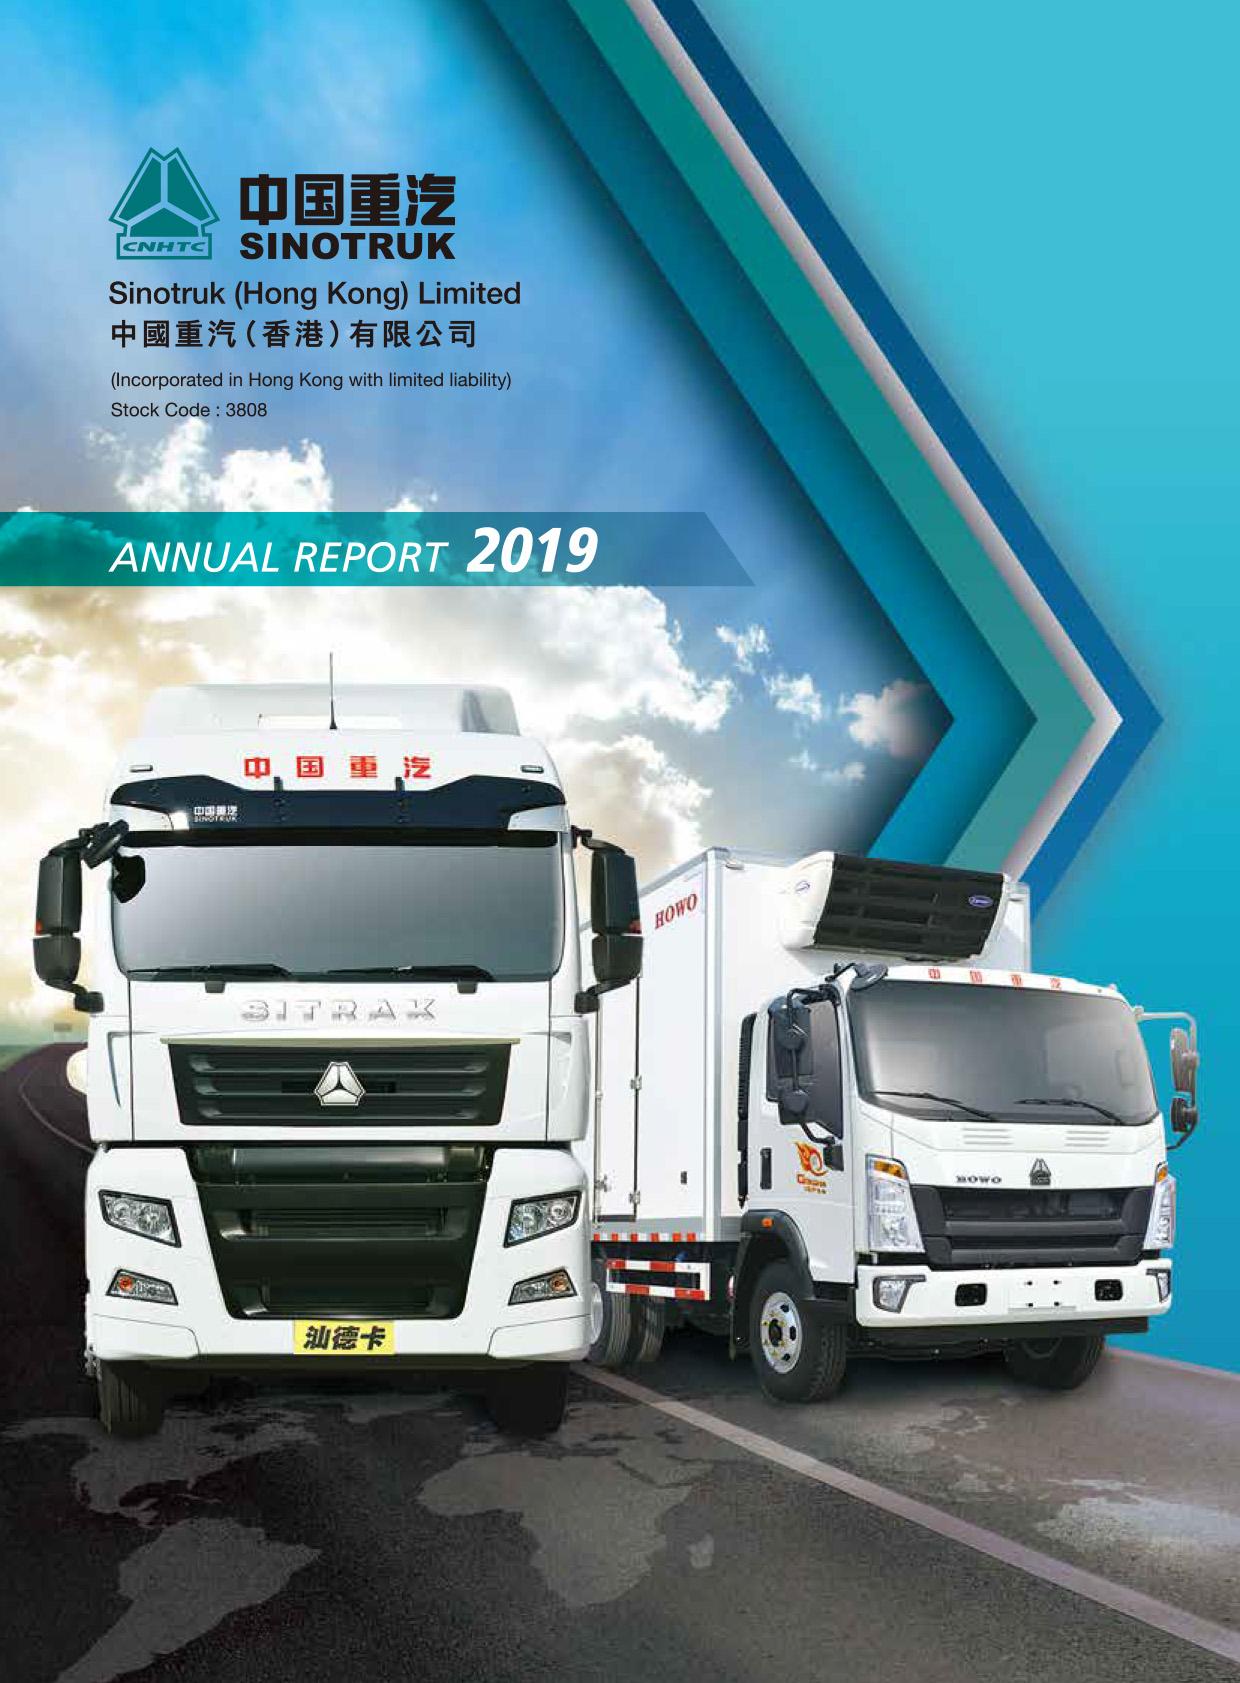 Sinotruk (Hong Kong) Limited